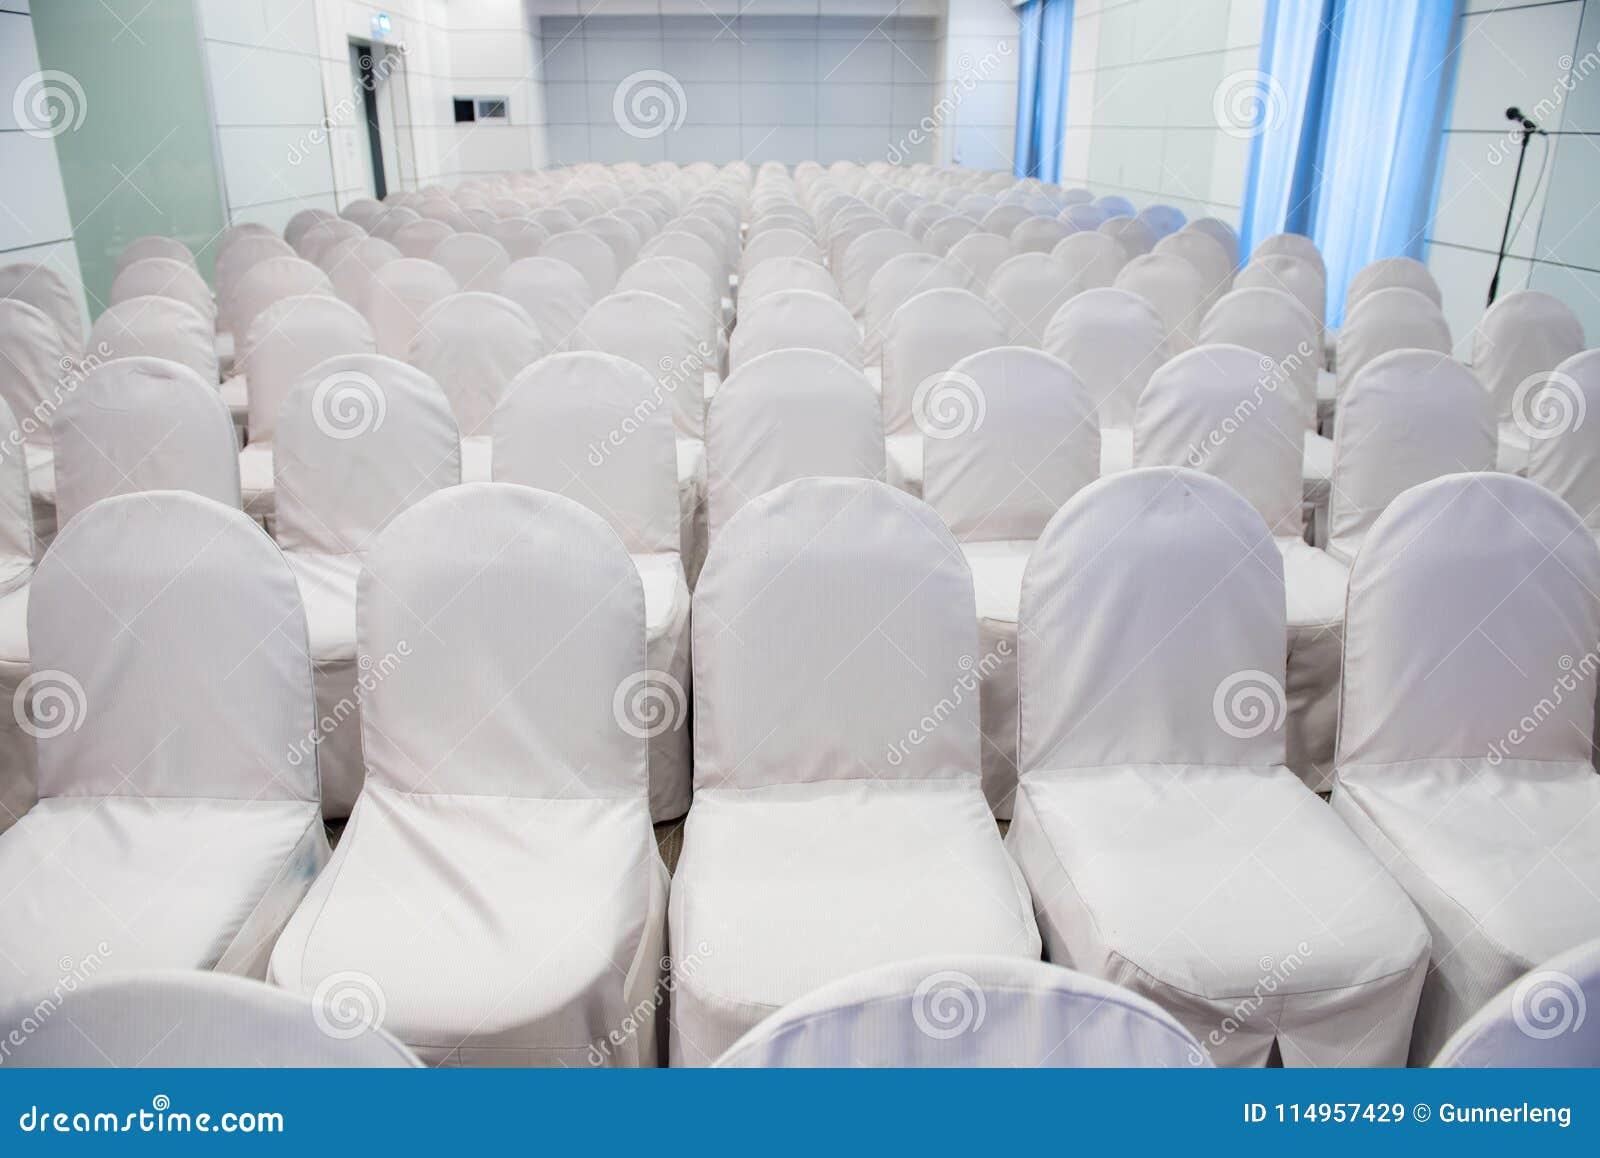 Sedie Bianche Usate : Fila delle sedie bianche vuote per l evento di riunione d affari